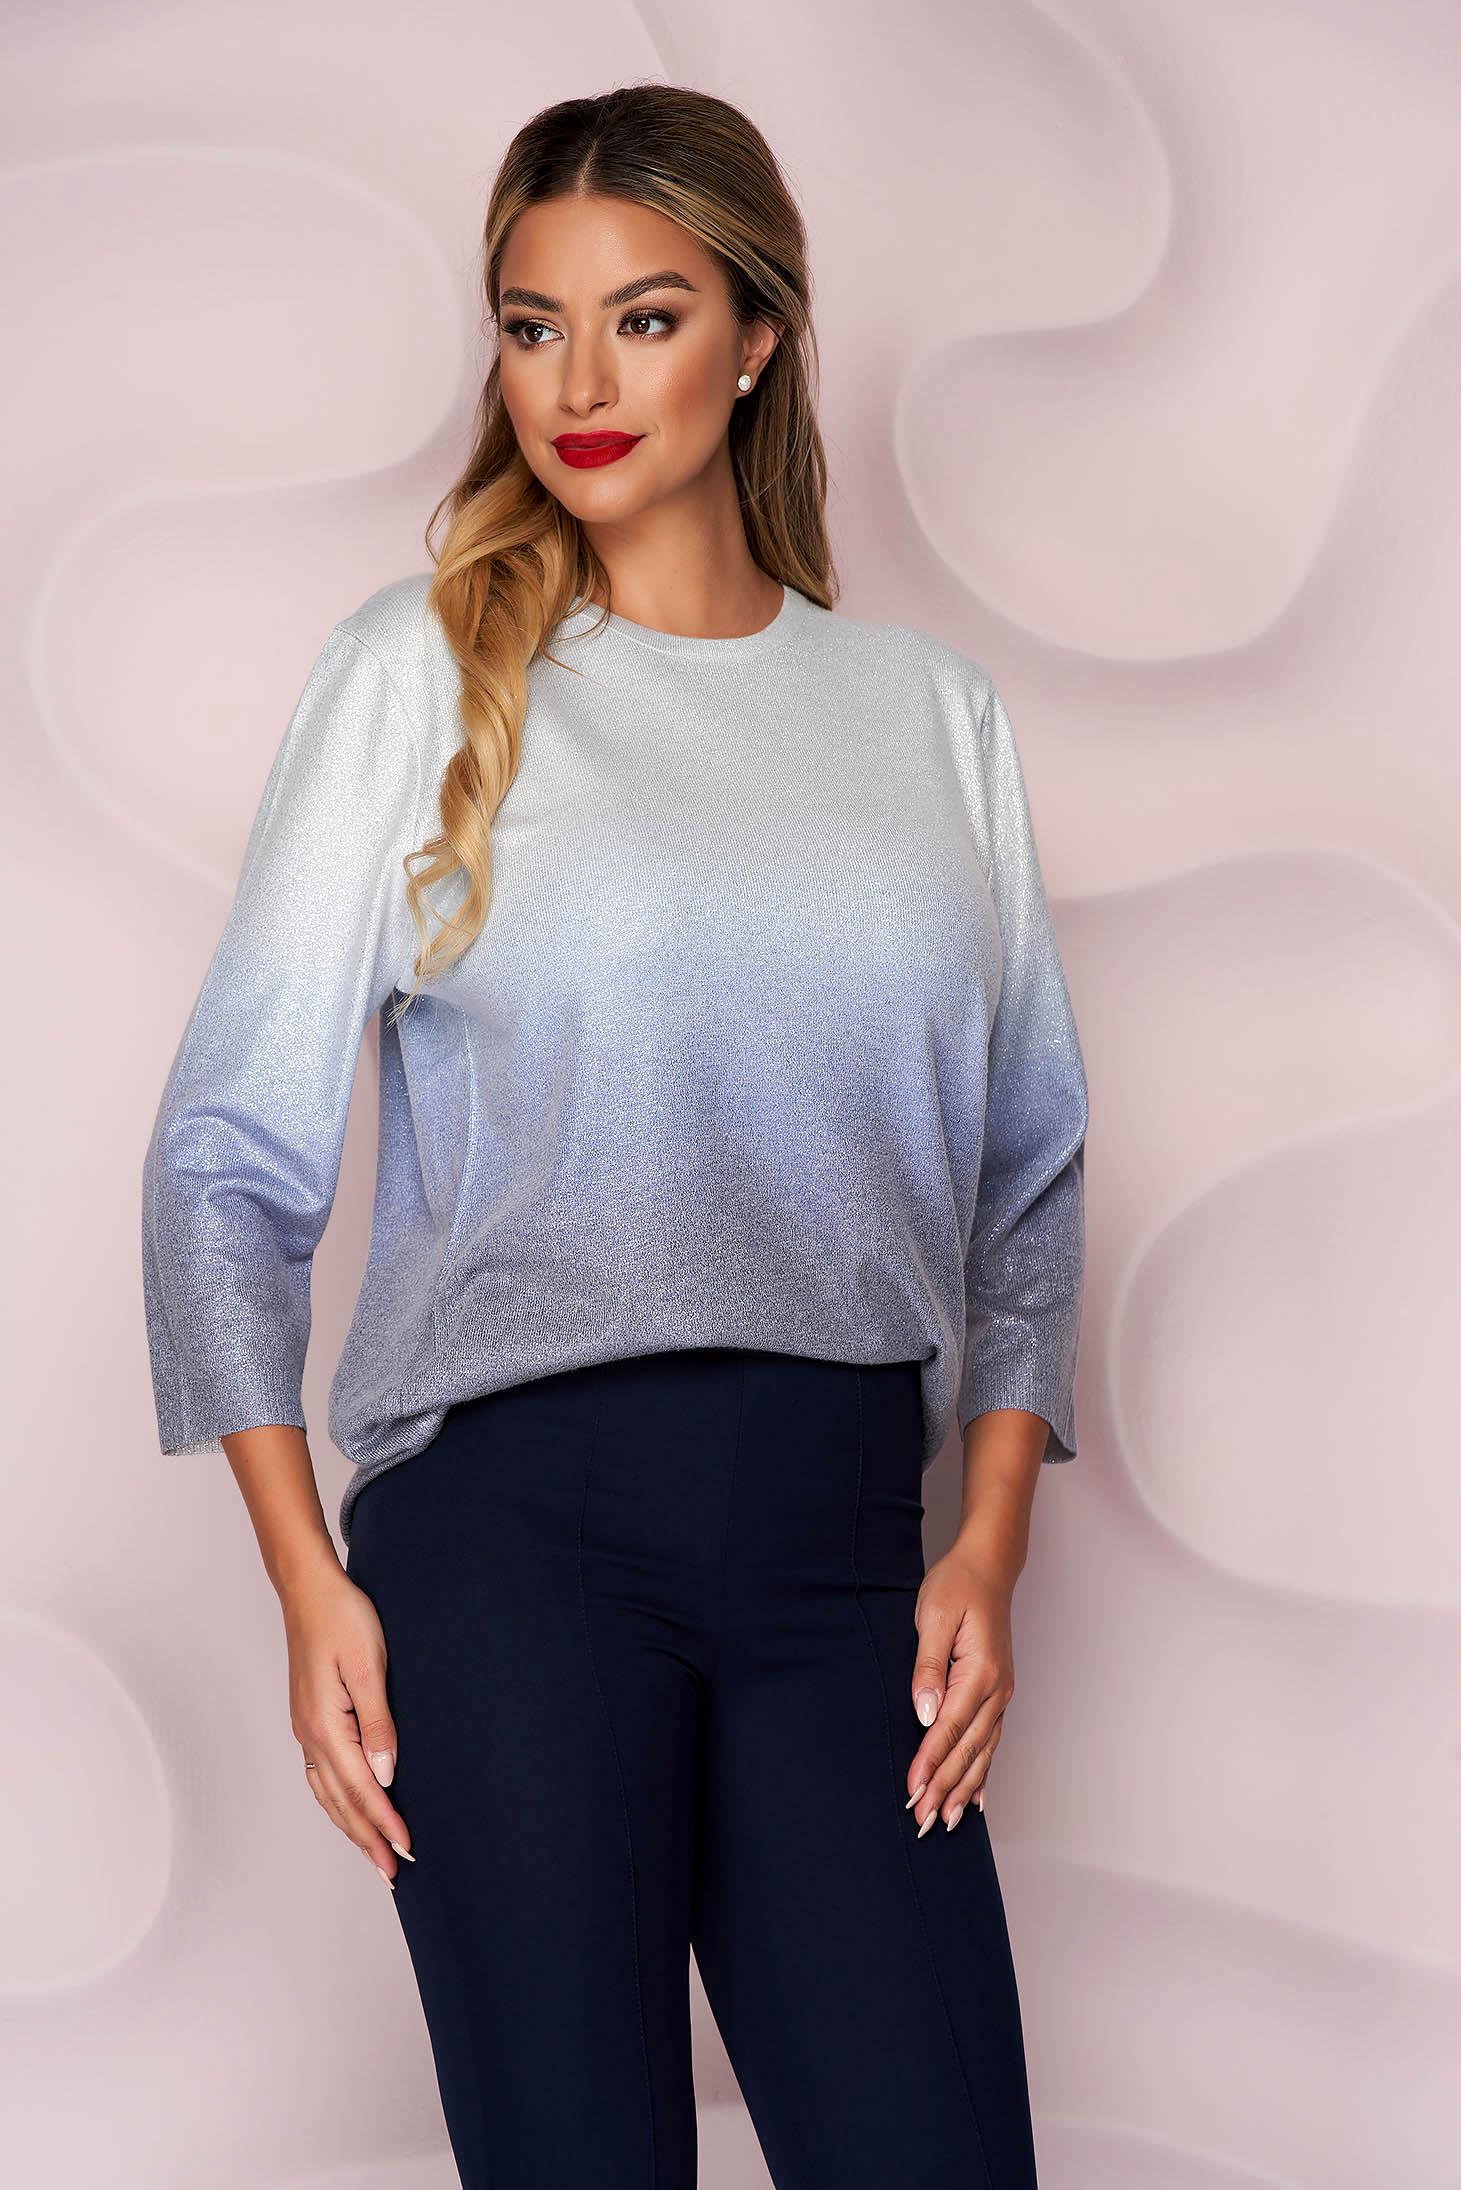 Pulover Lady Pandora argintiu casual cu croi larg din material elastic tricotat cu maneci trei-sferturi